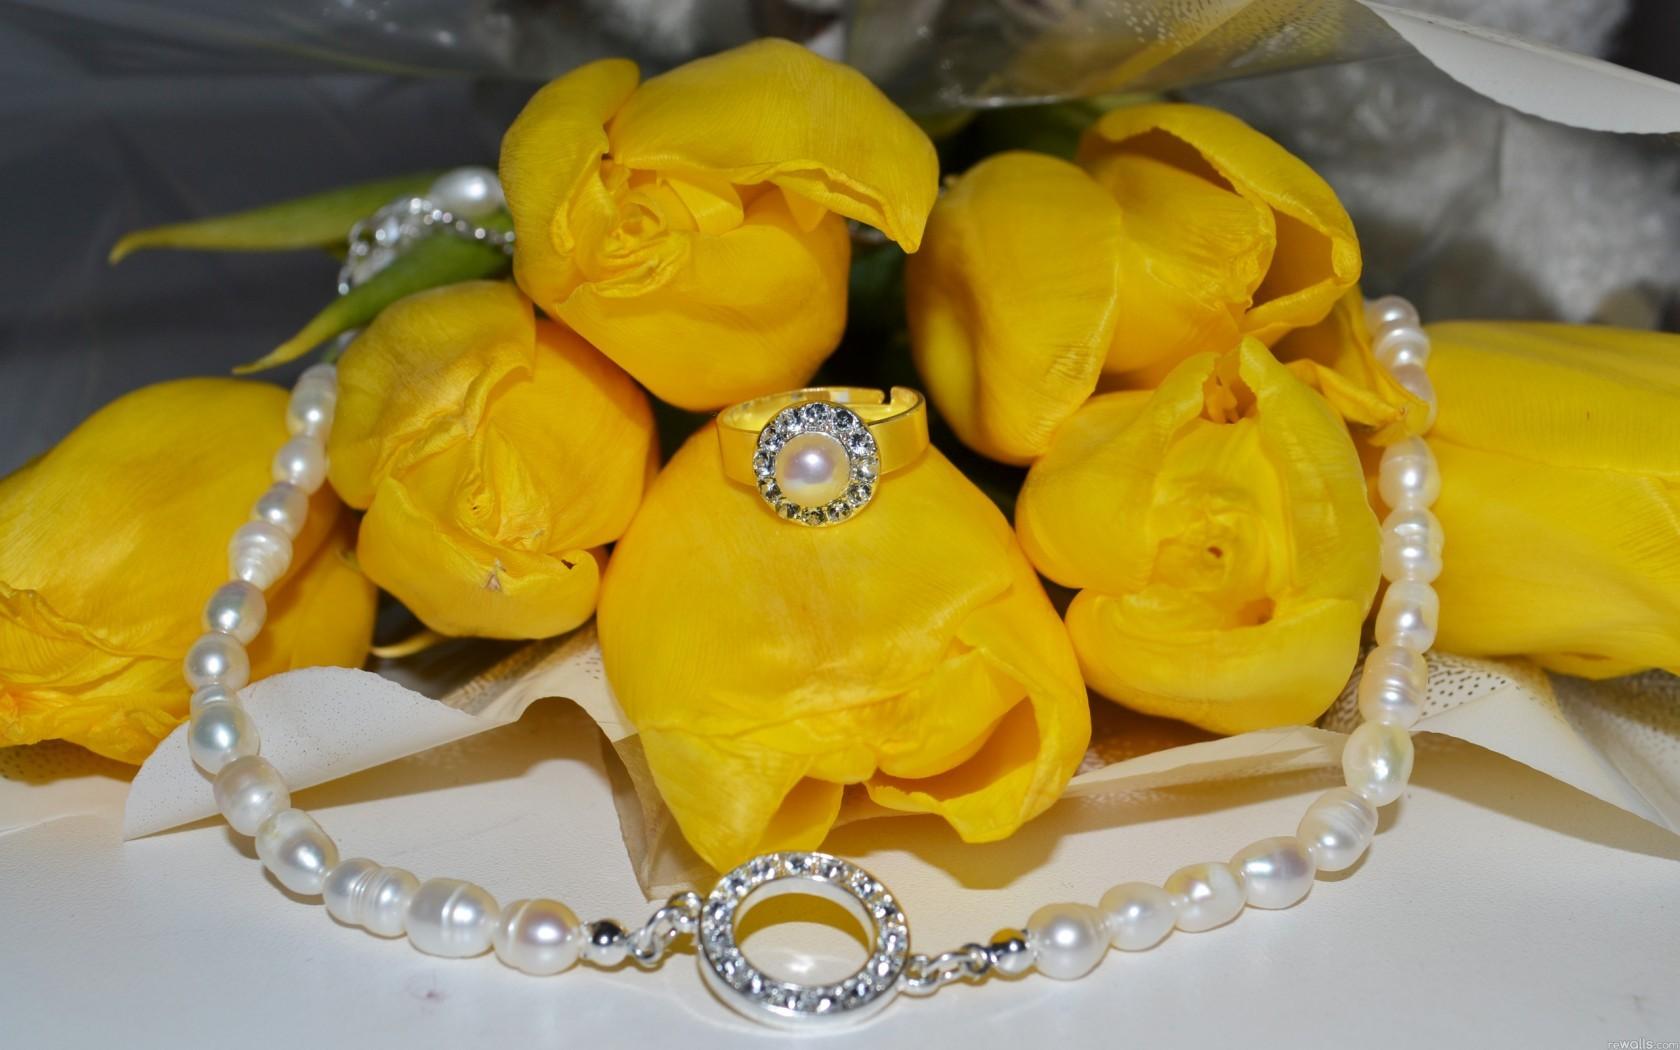 Фото цветы тюльпаны в высоком качестве